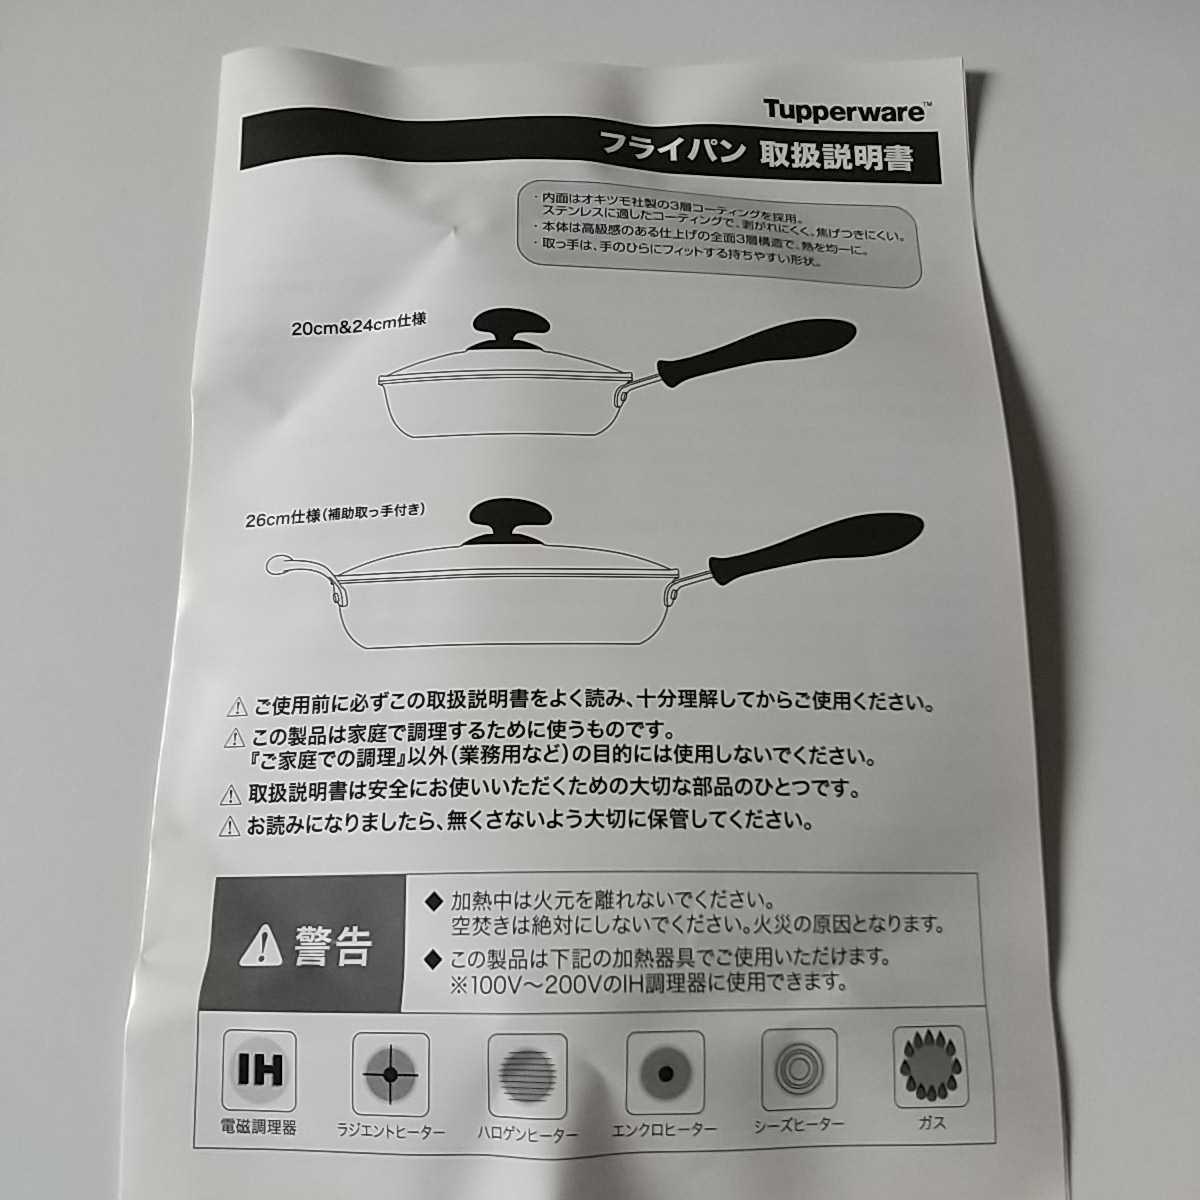 新品 レインボークッカー フライパン 20cm タッパーウェア ガラスフタ付き_画像4